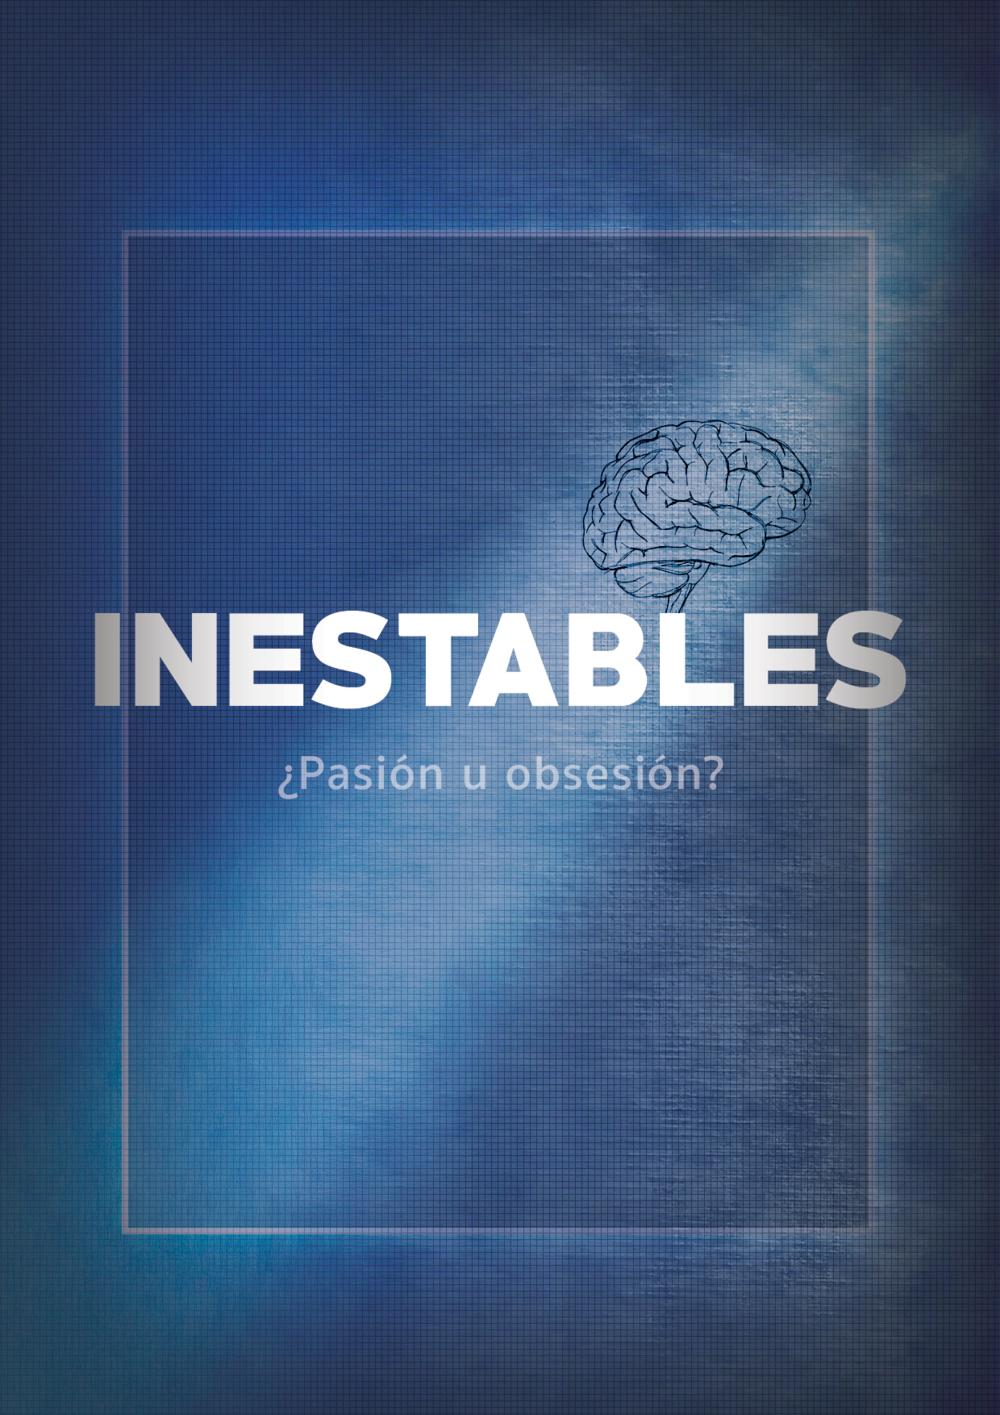 Inestables: Serie Web  Diseño de gráfica promocional y flyer para casting.